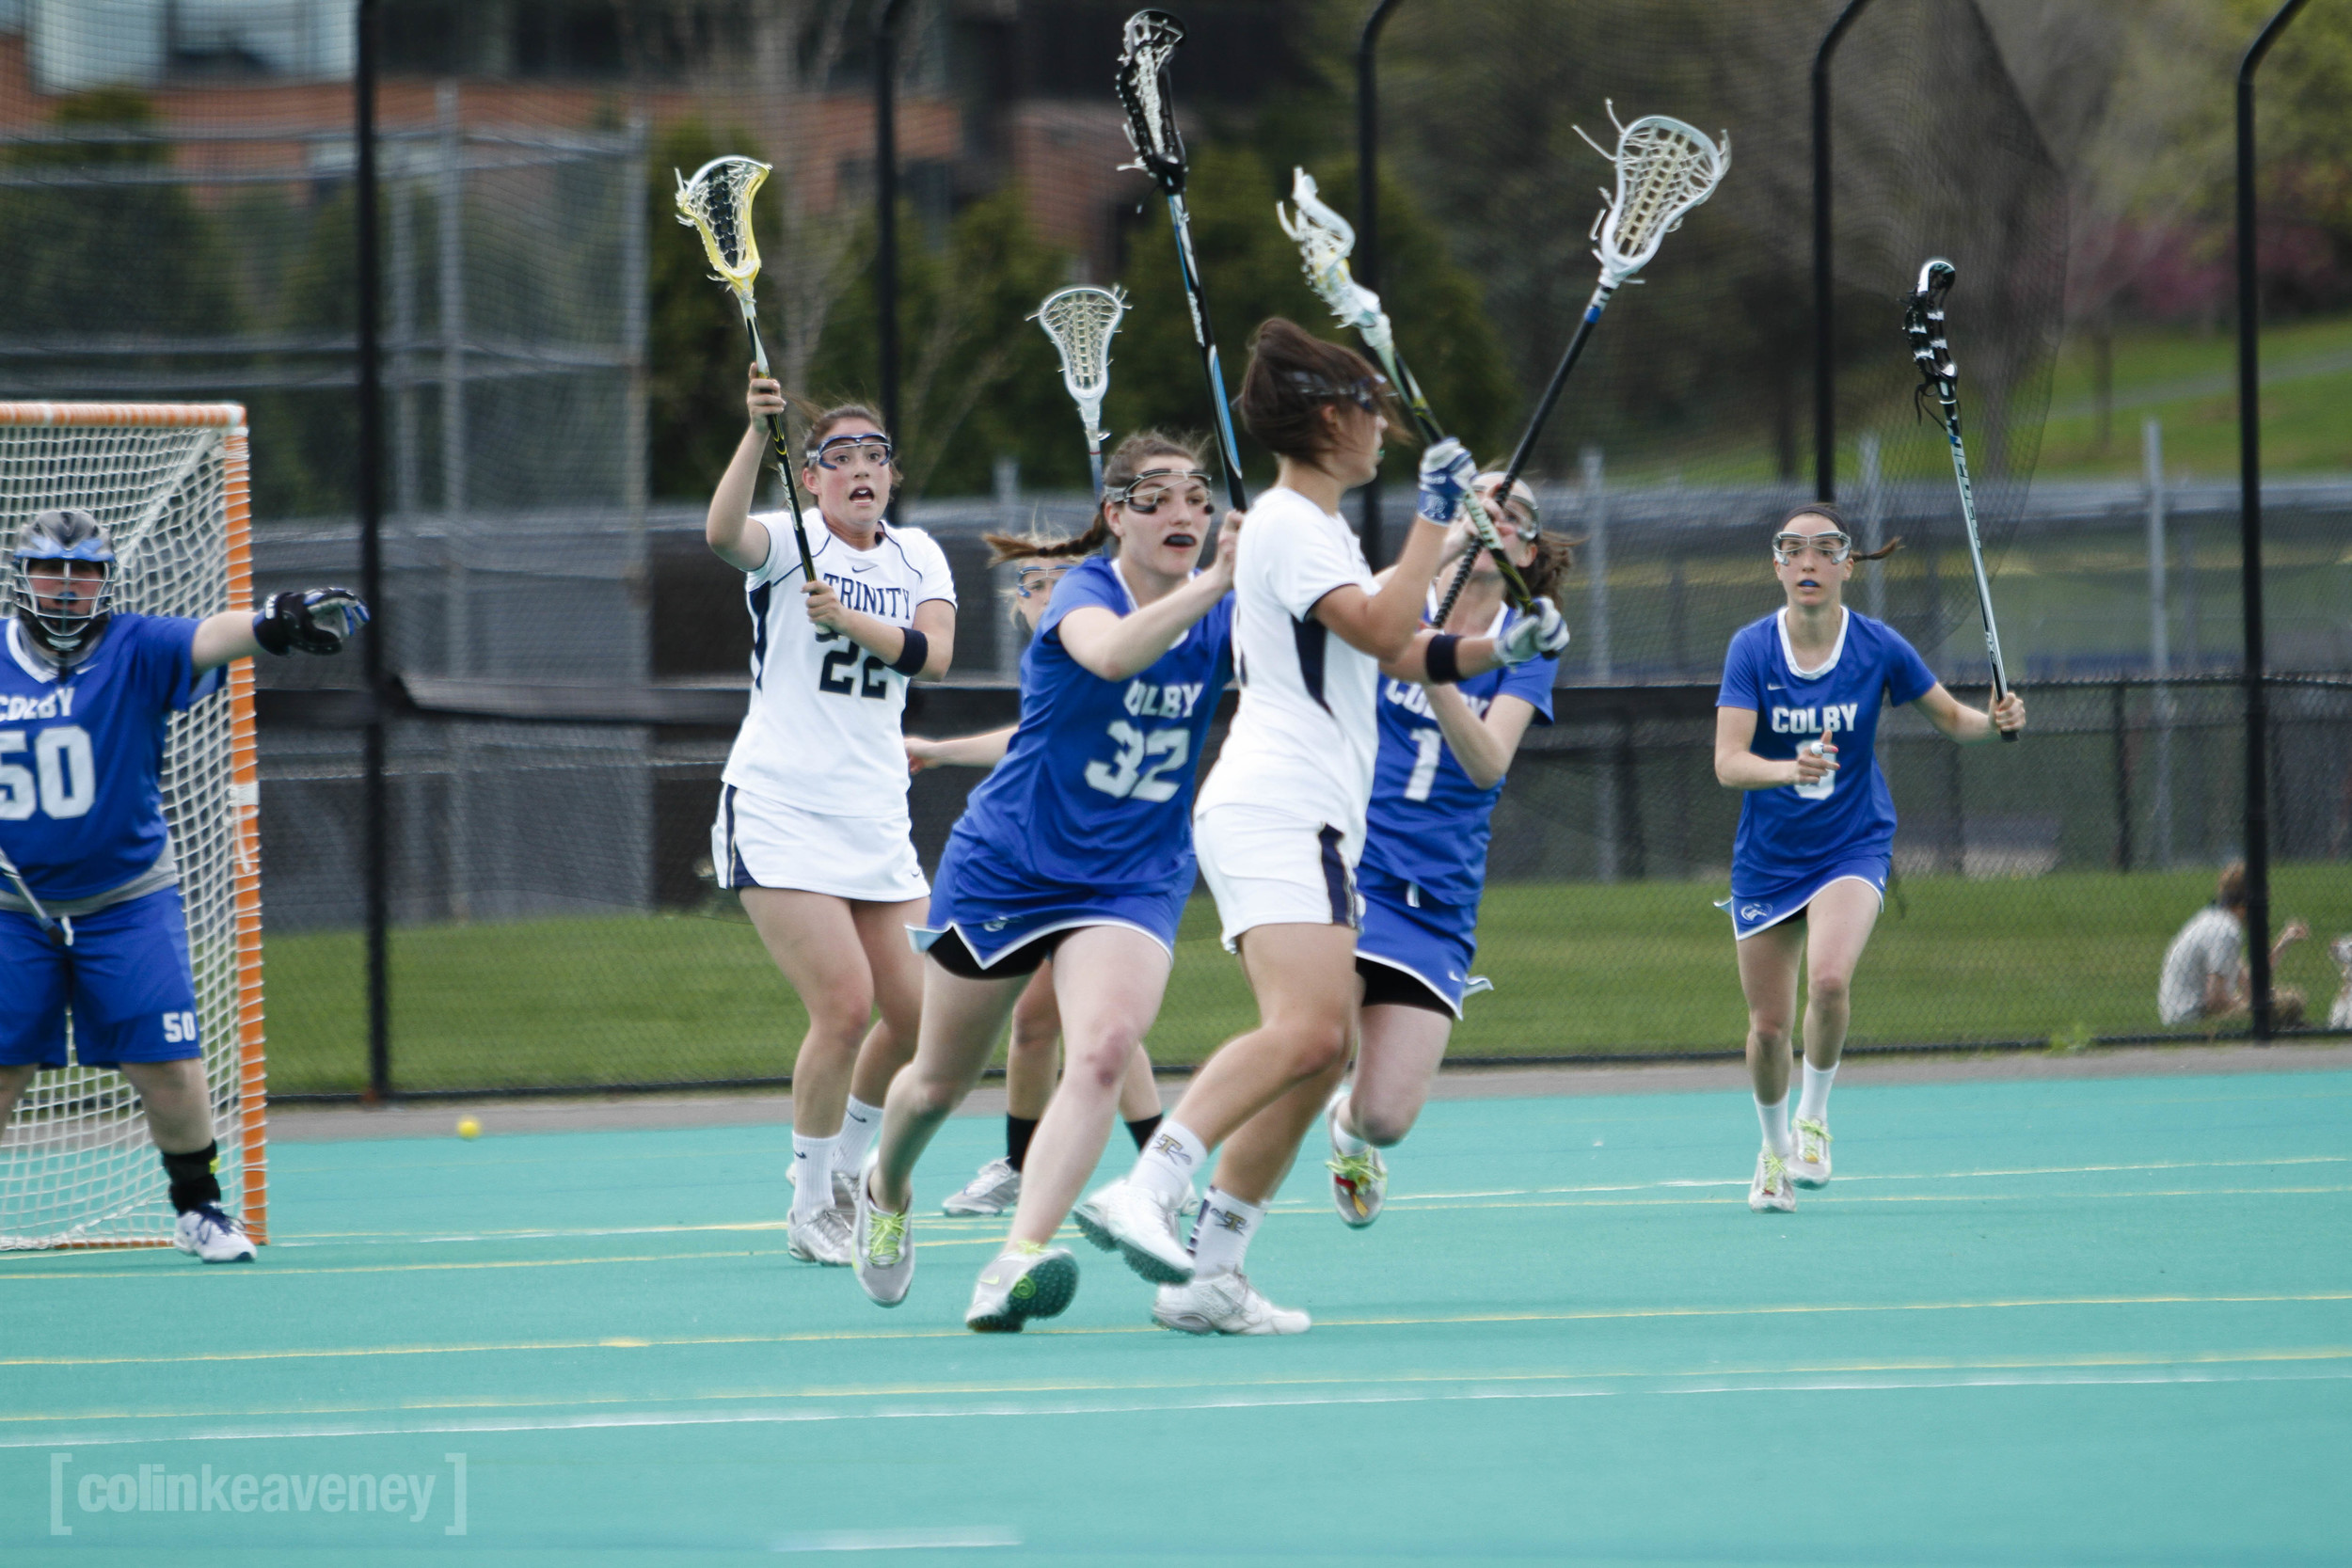 COLBY_lacrosse-53.jpg